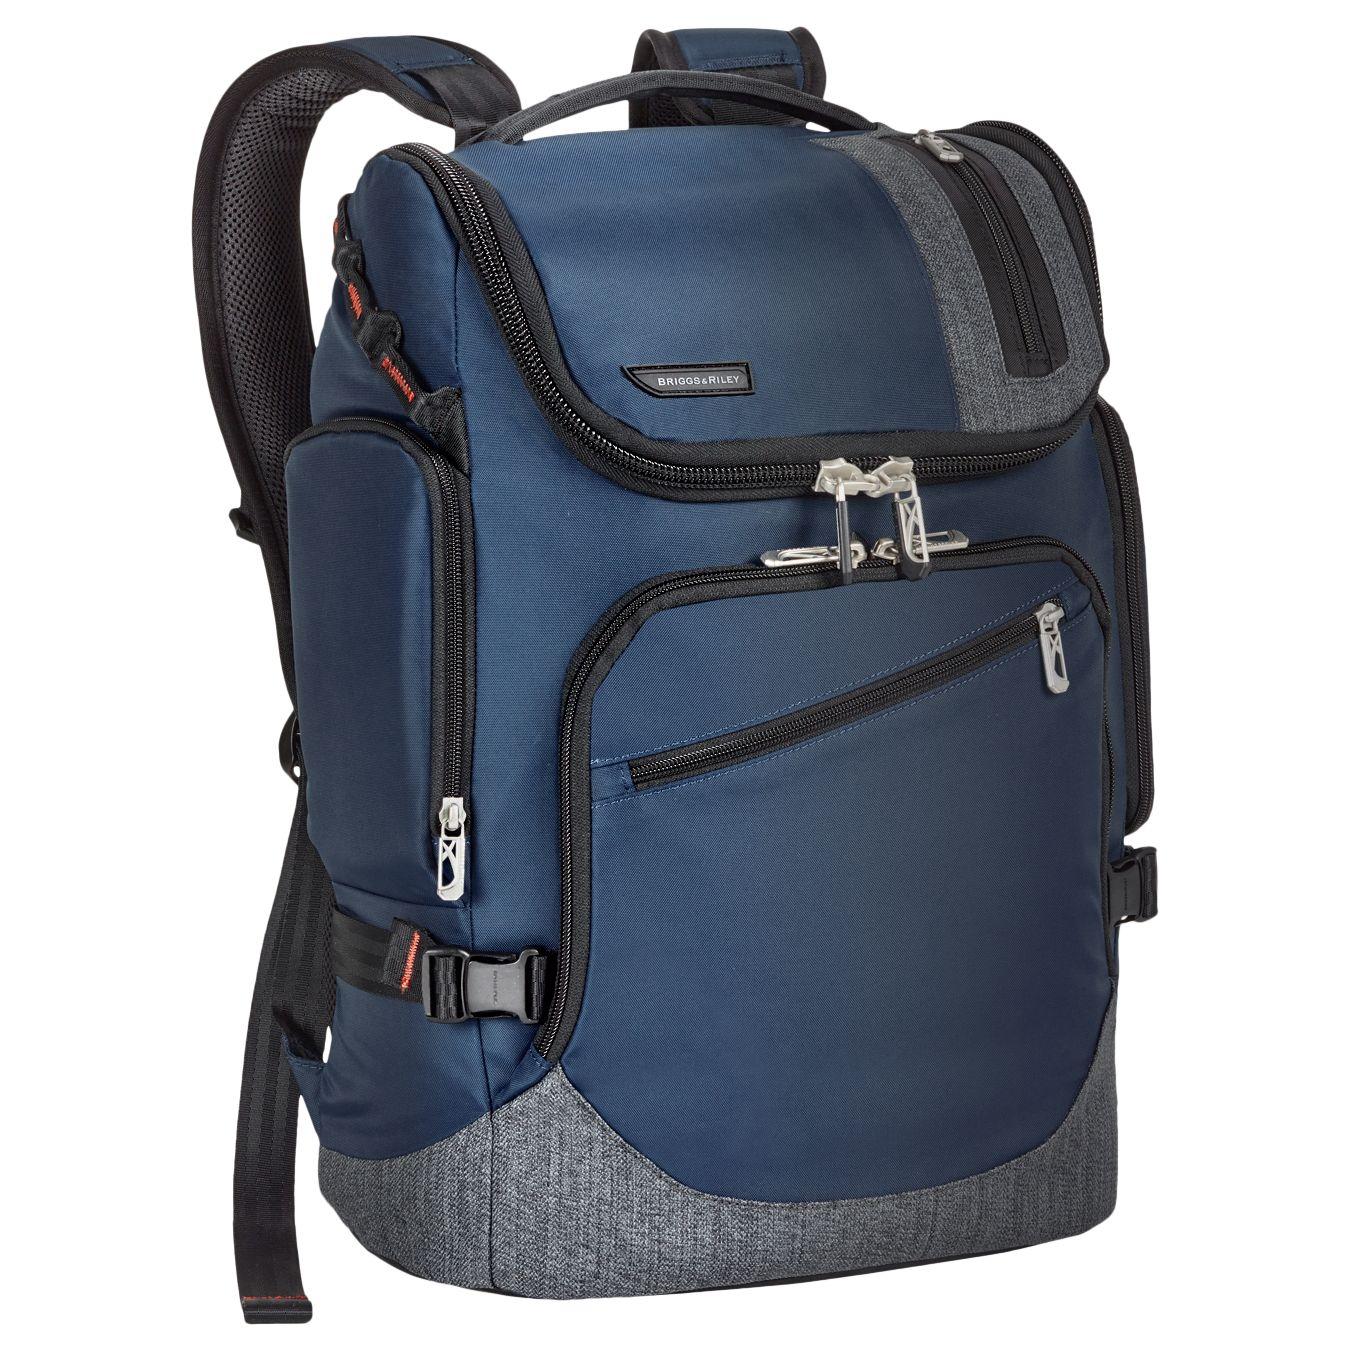 Briggs & Riley Briggs & Riley BRX Excursion Backpack, Blue